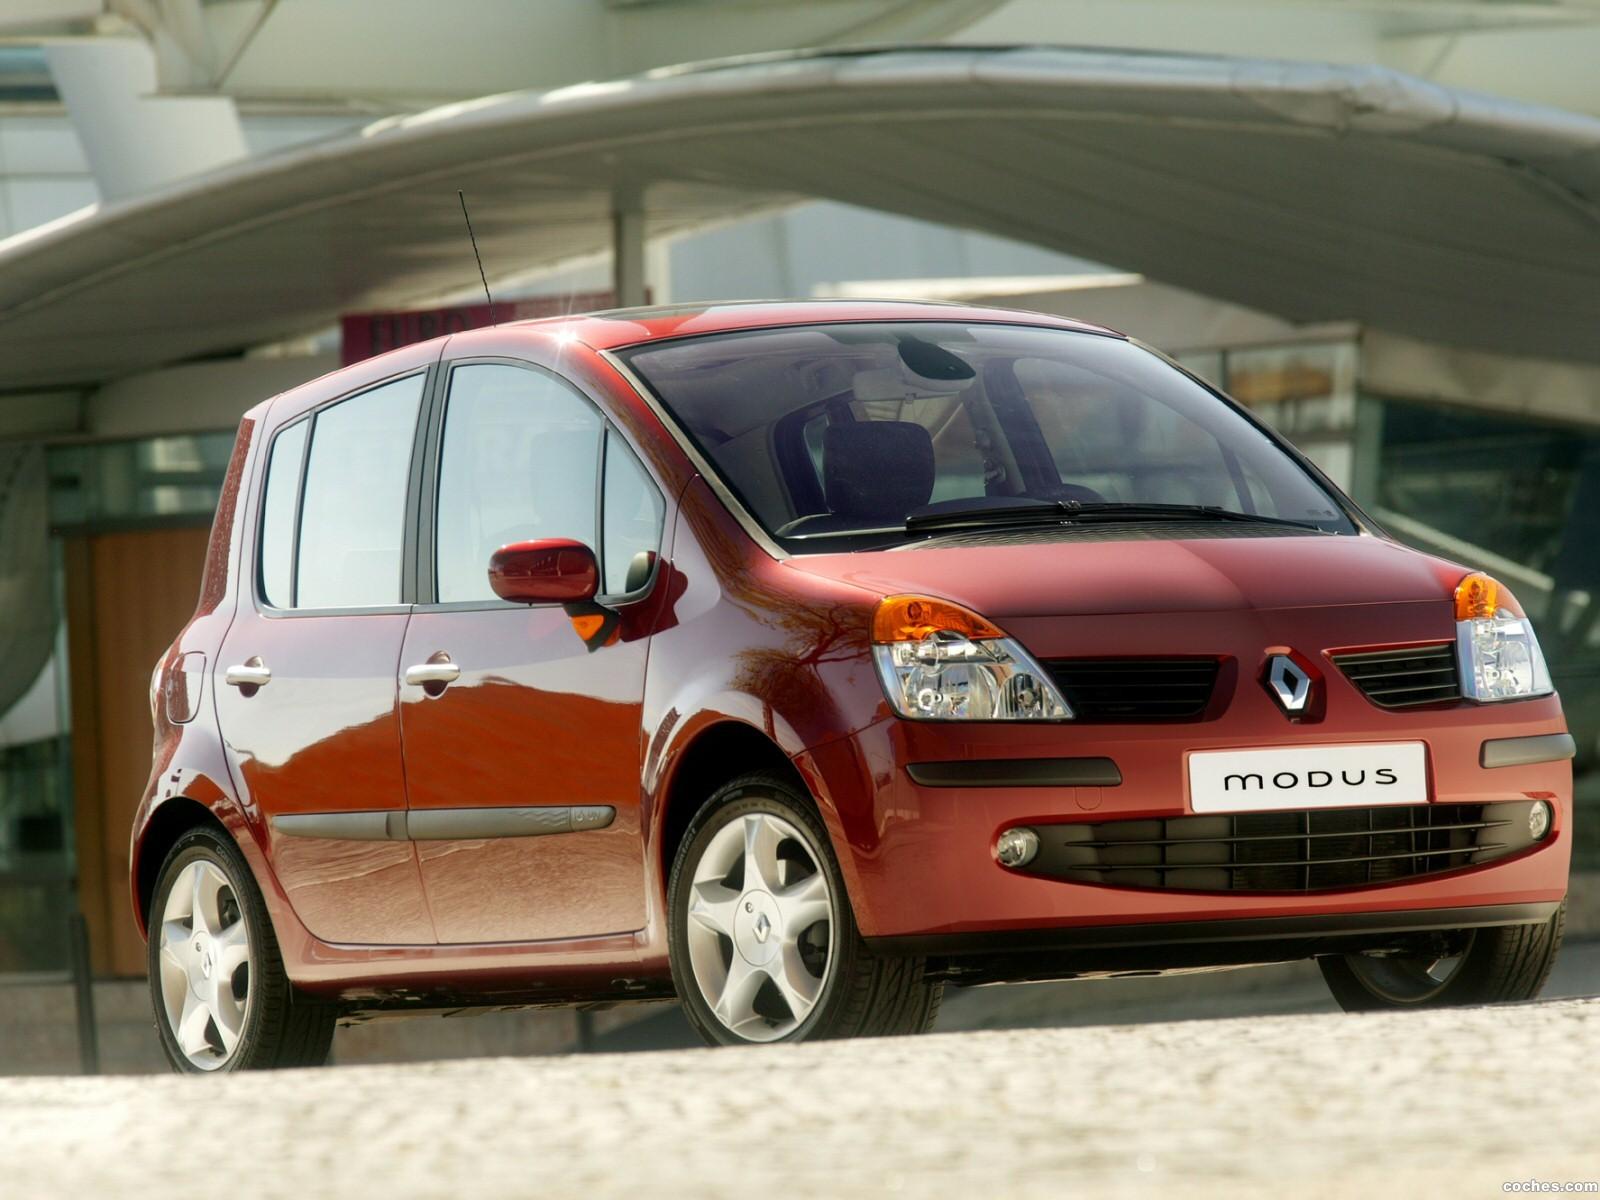 Foto 2 de Renault Modus 2004